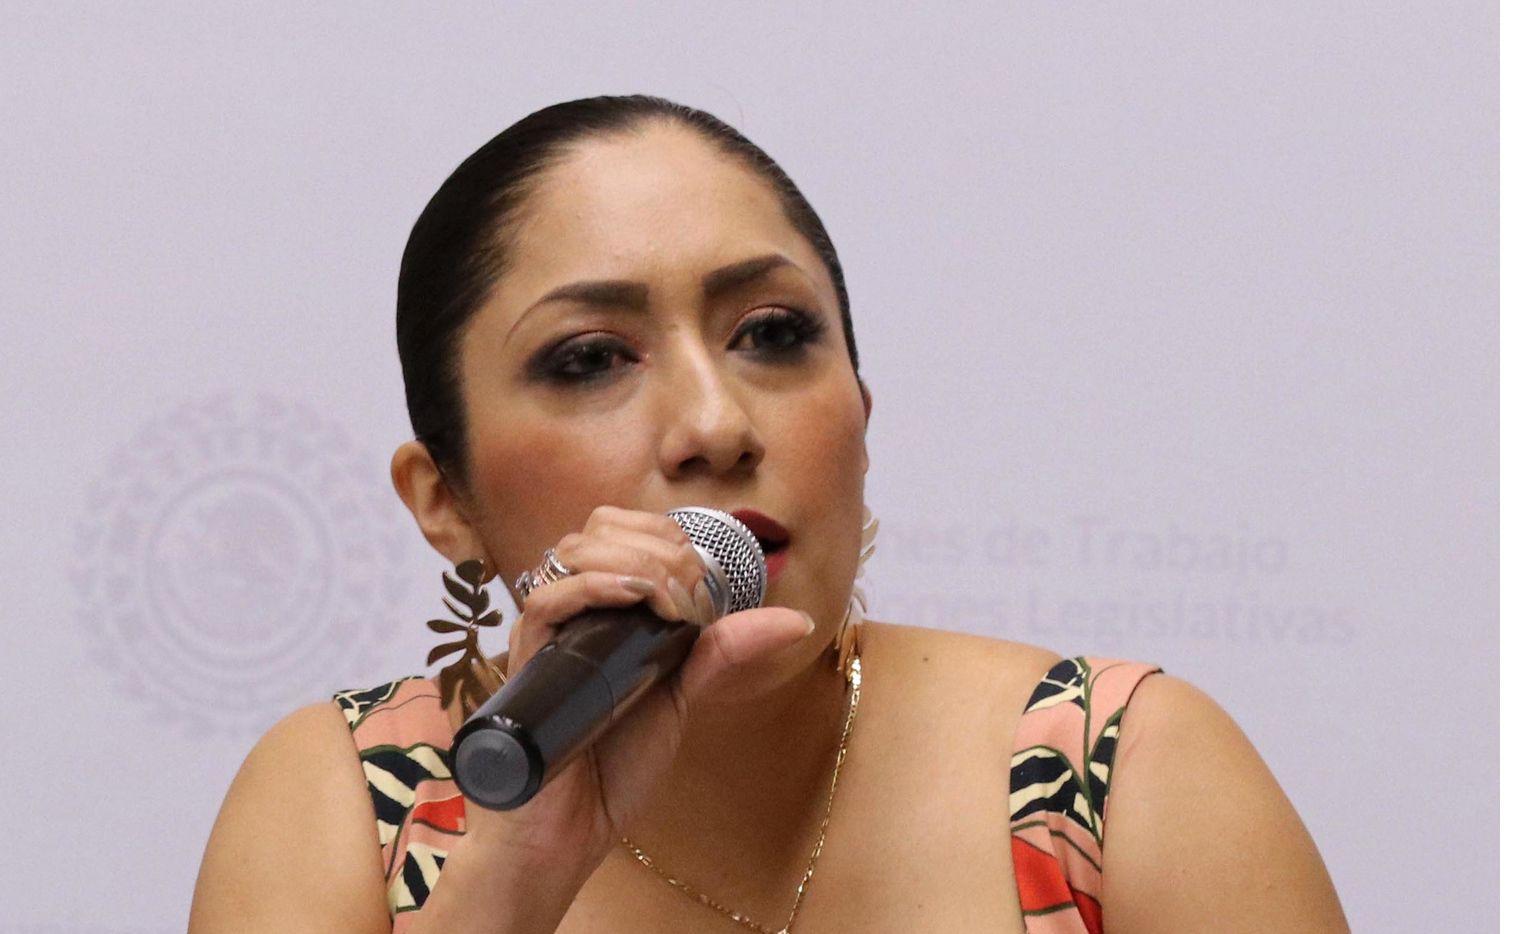 Un documento da cuenta de una denuncia por hostigamiento sexual contra Liliana Gollas Trejo, diputada local del distrito 32 en Edomex.